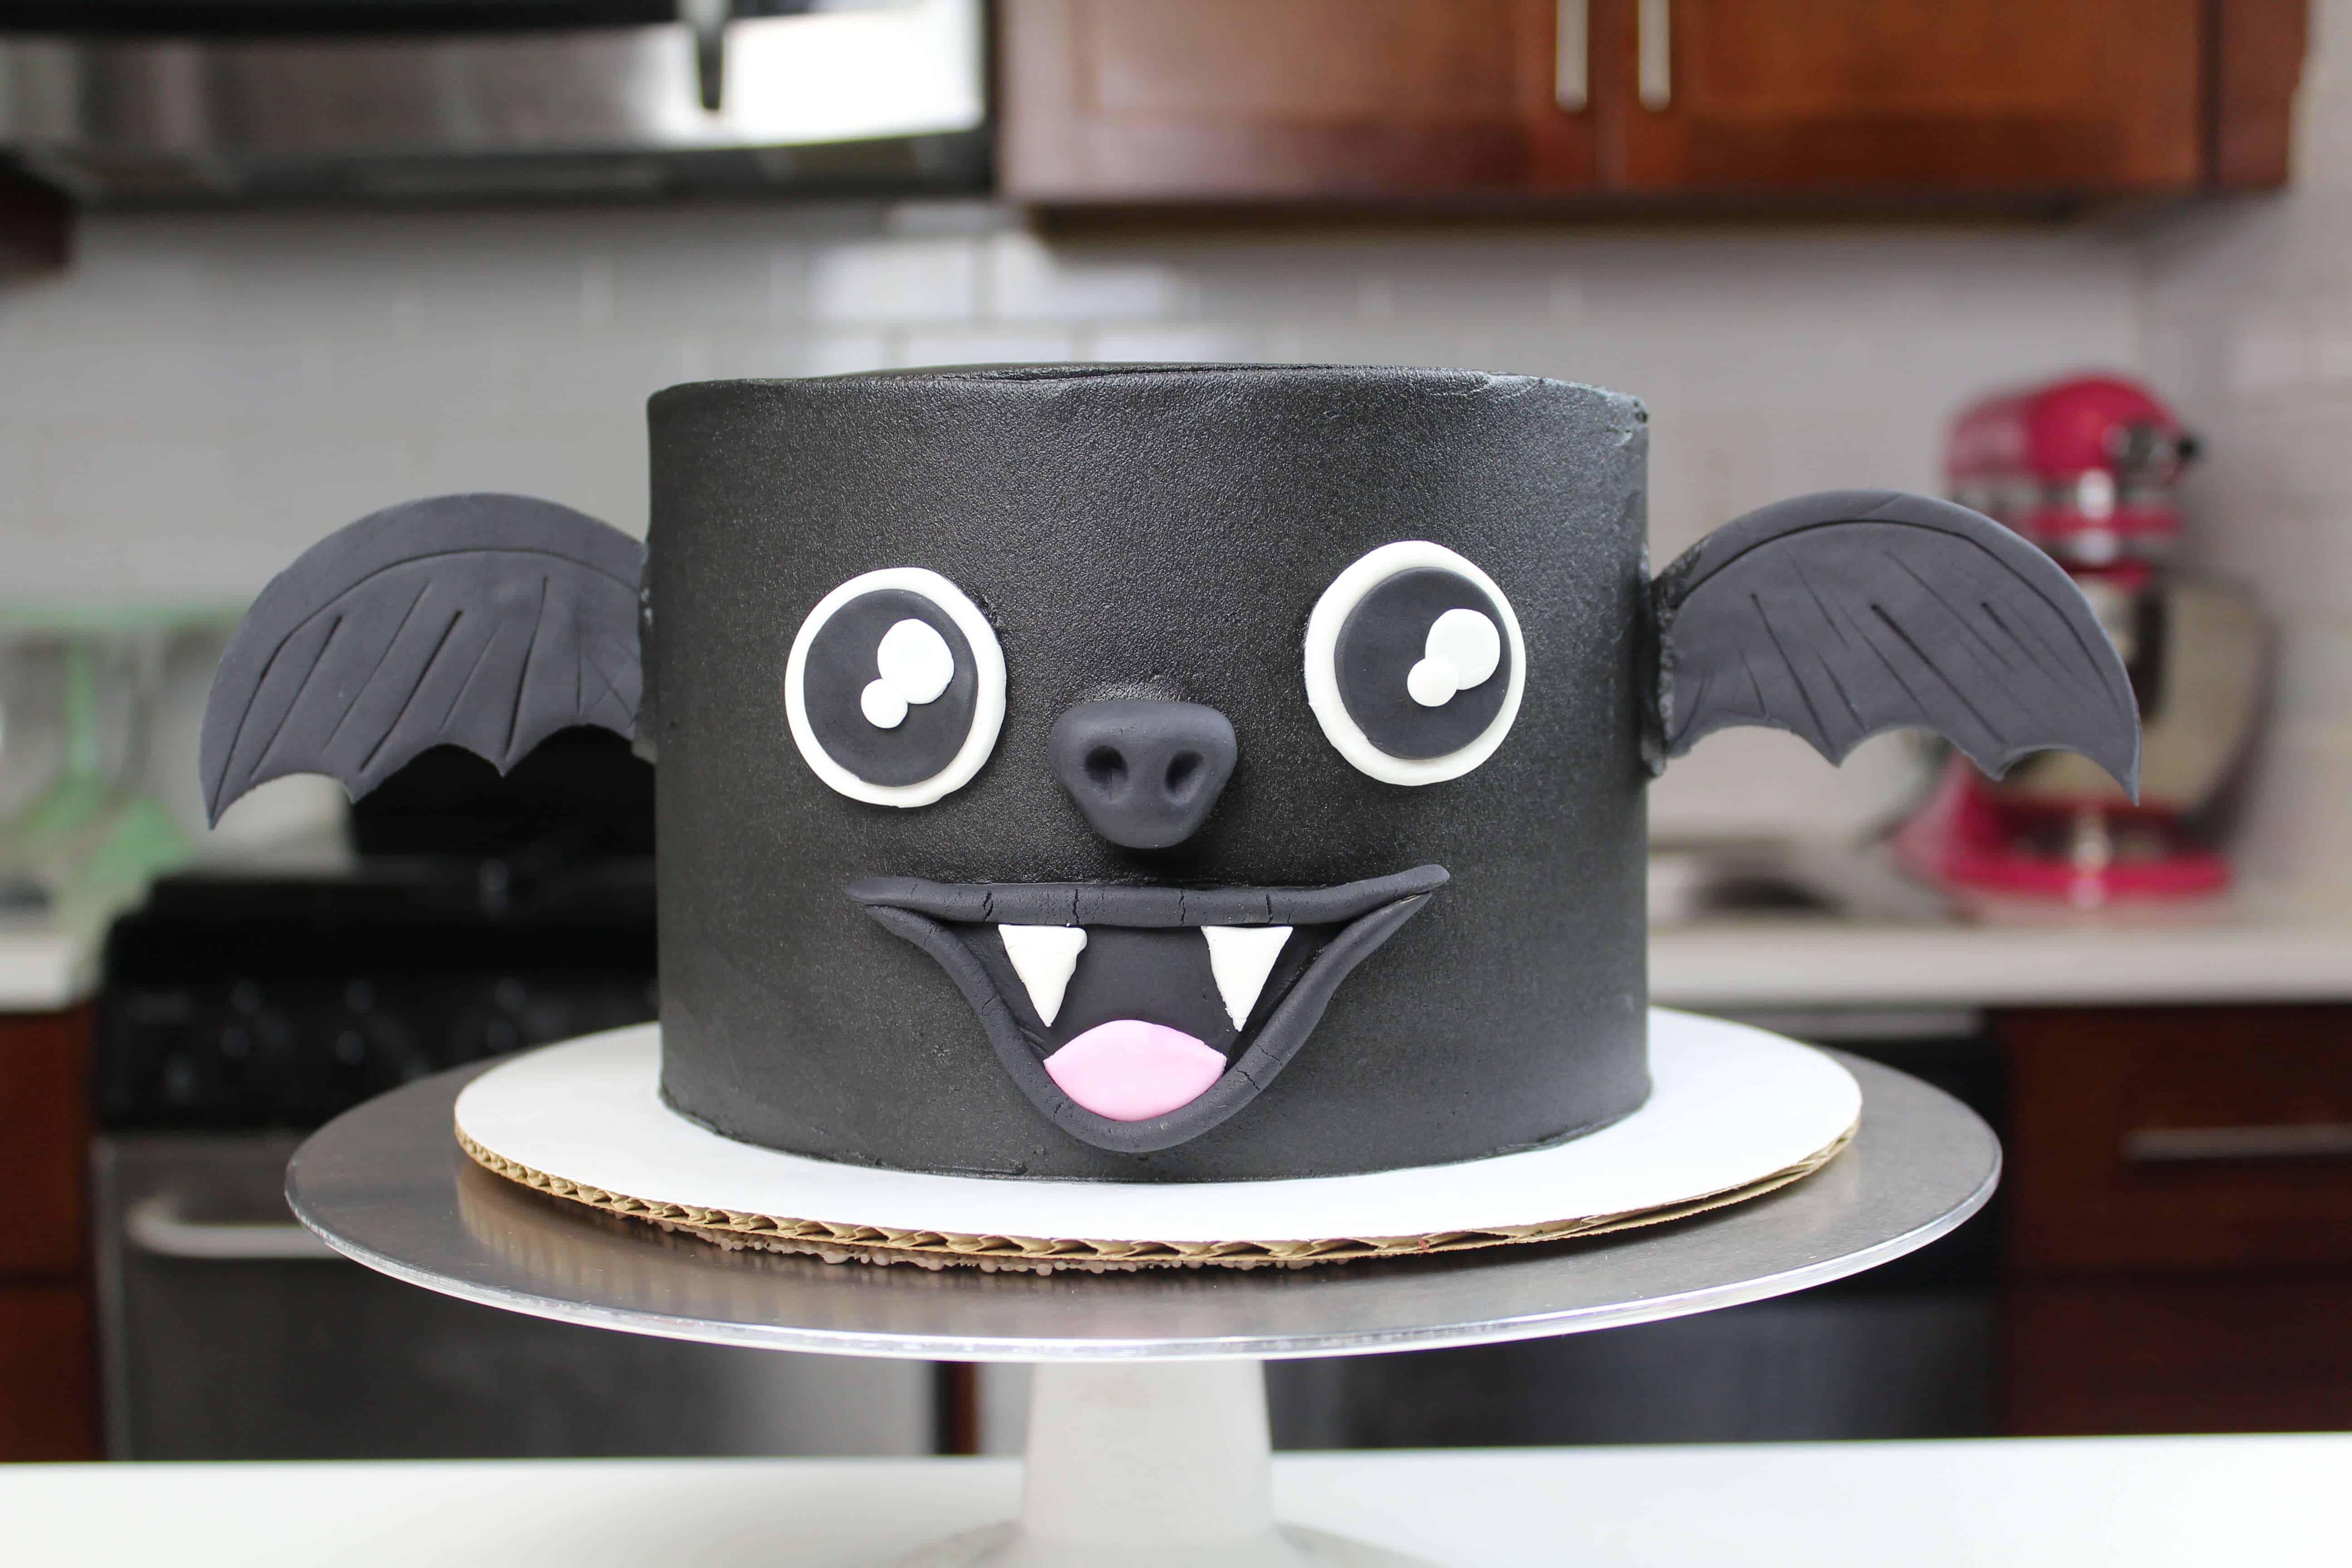 image of vampire bat cake